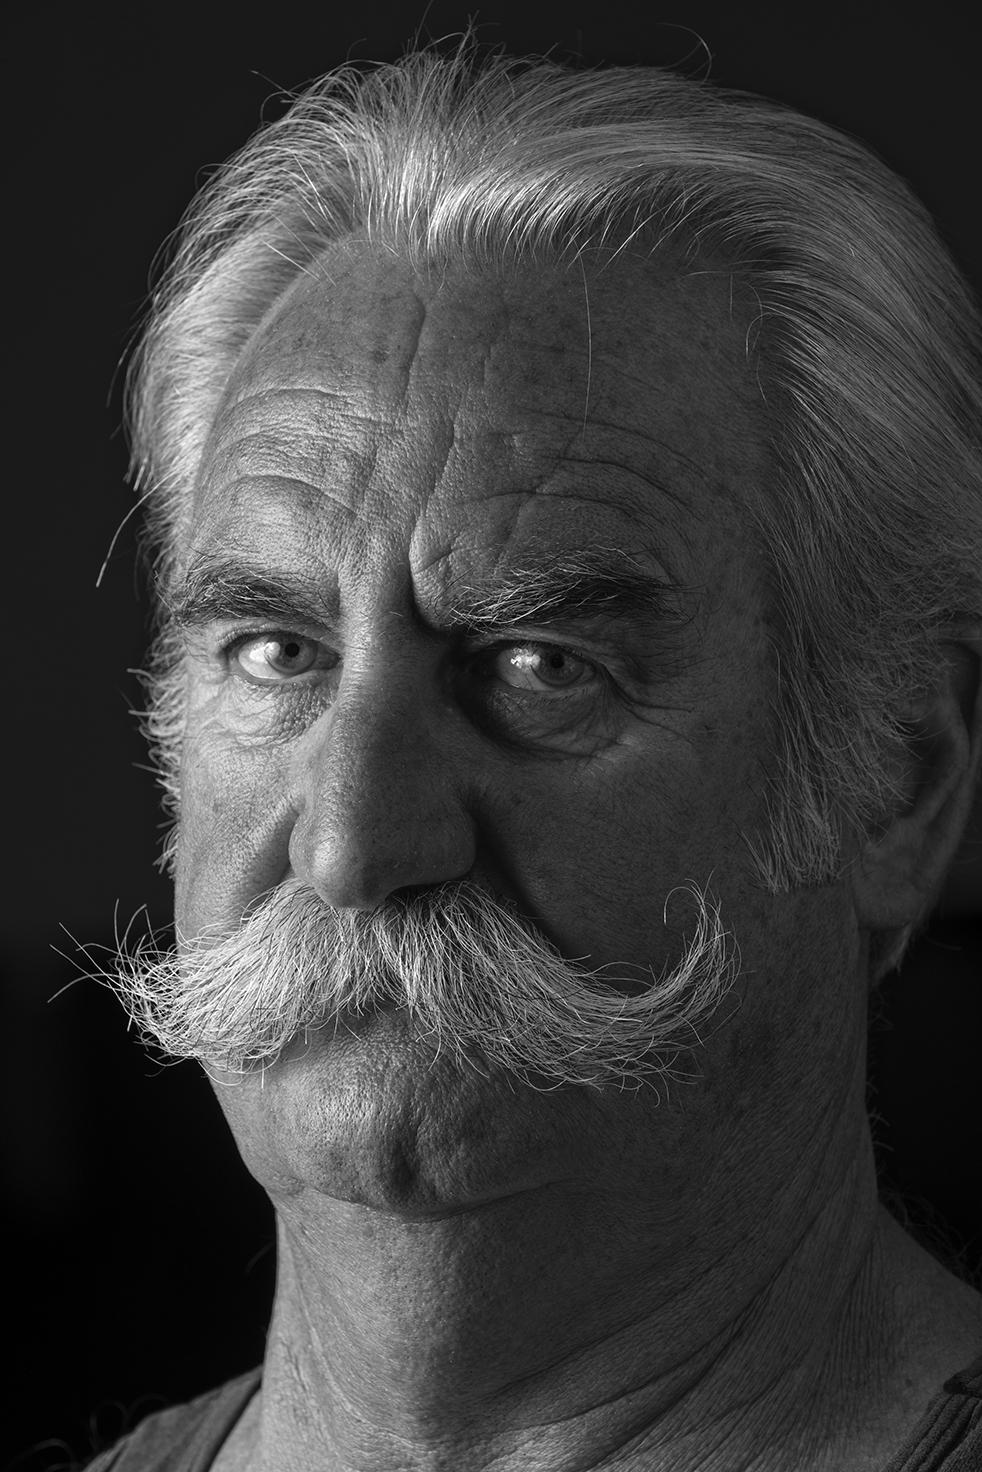 B&W_Portrait_mustache.jpg